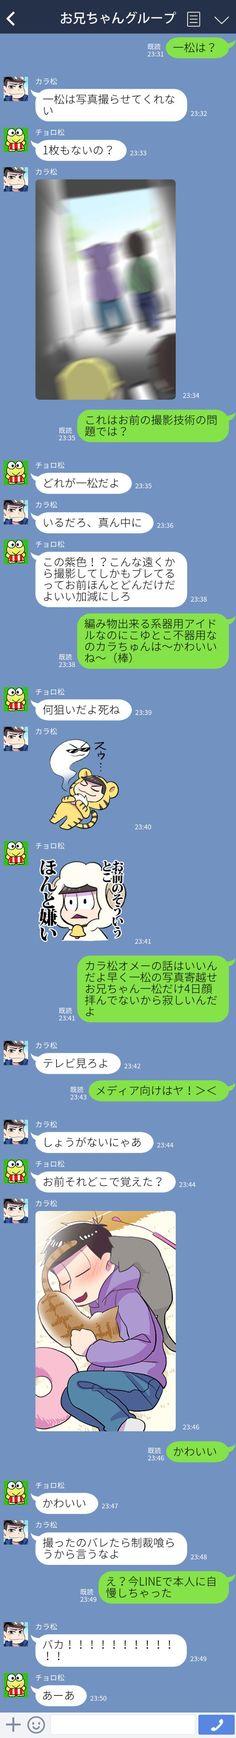 お兄ちゃんグループ #おそ松さん #Osomatsu-san